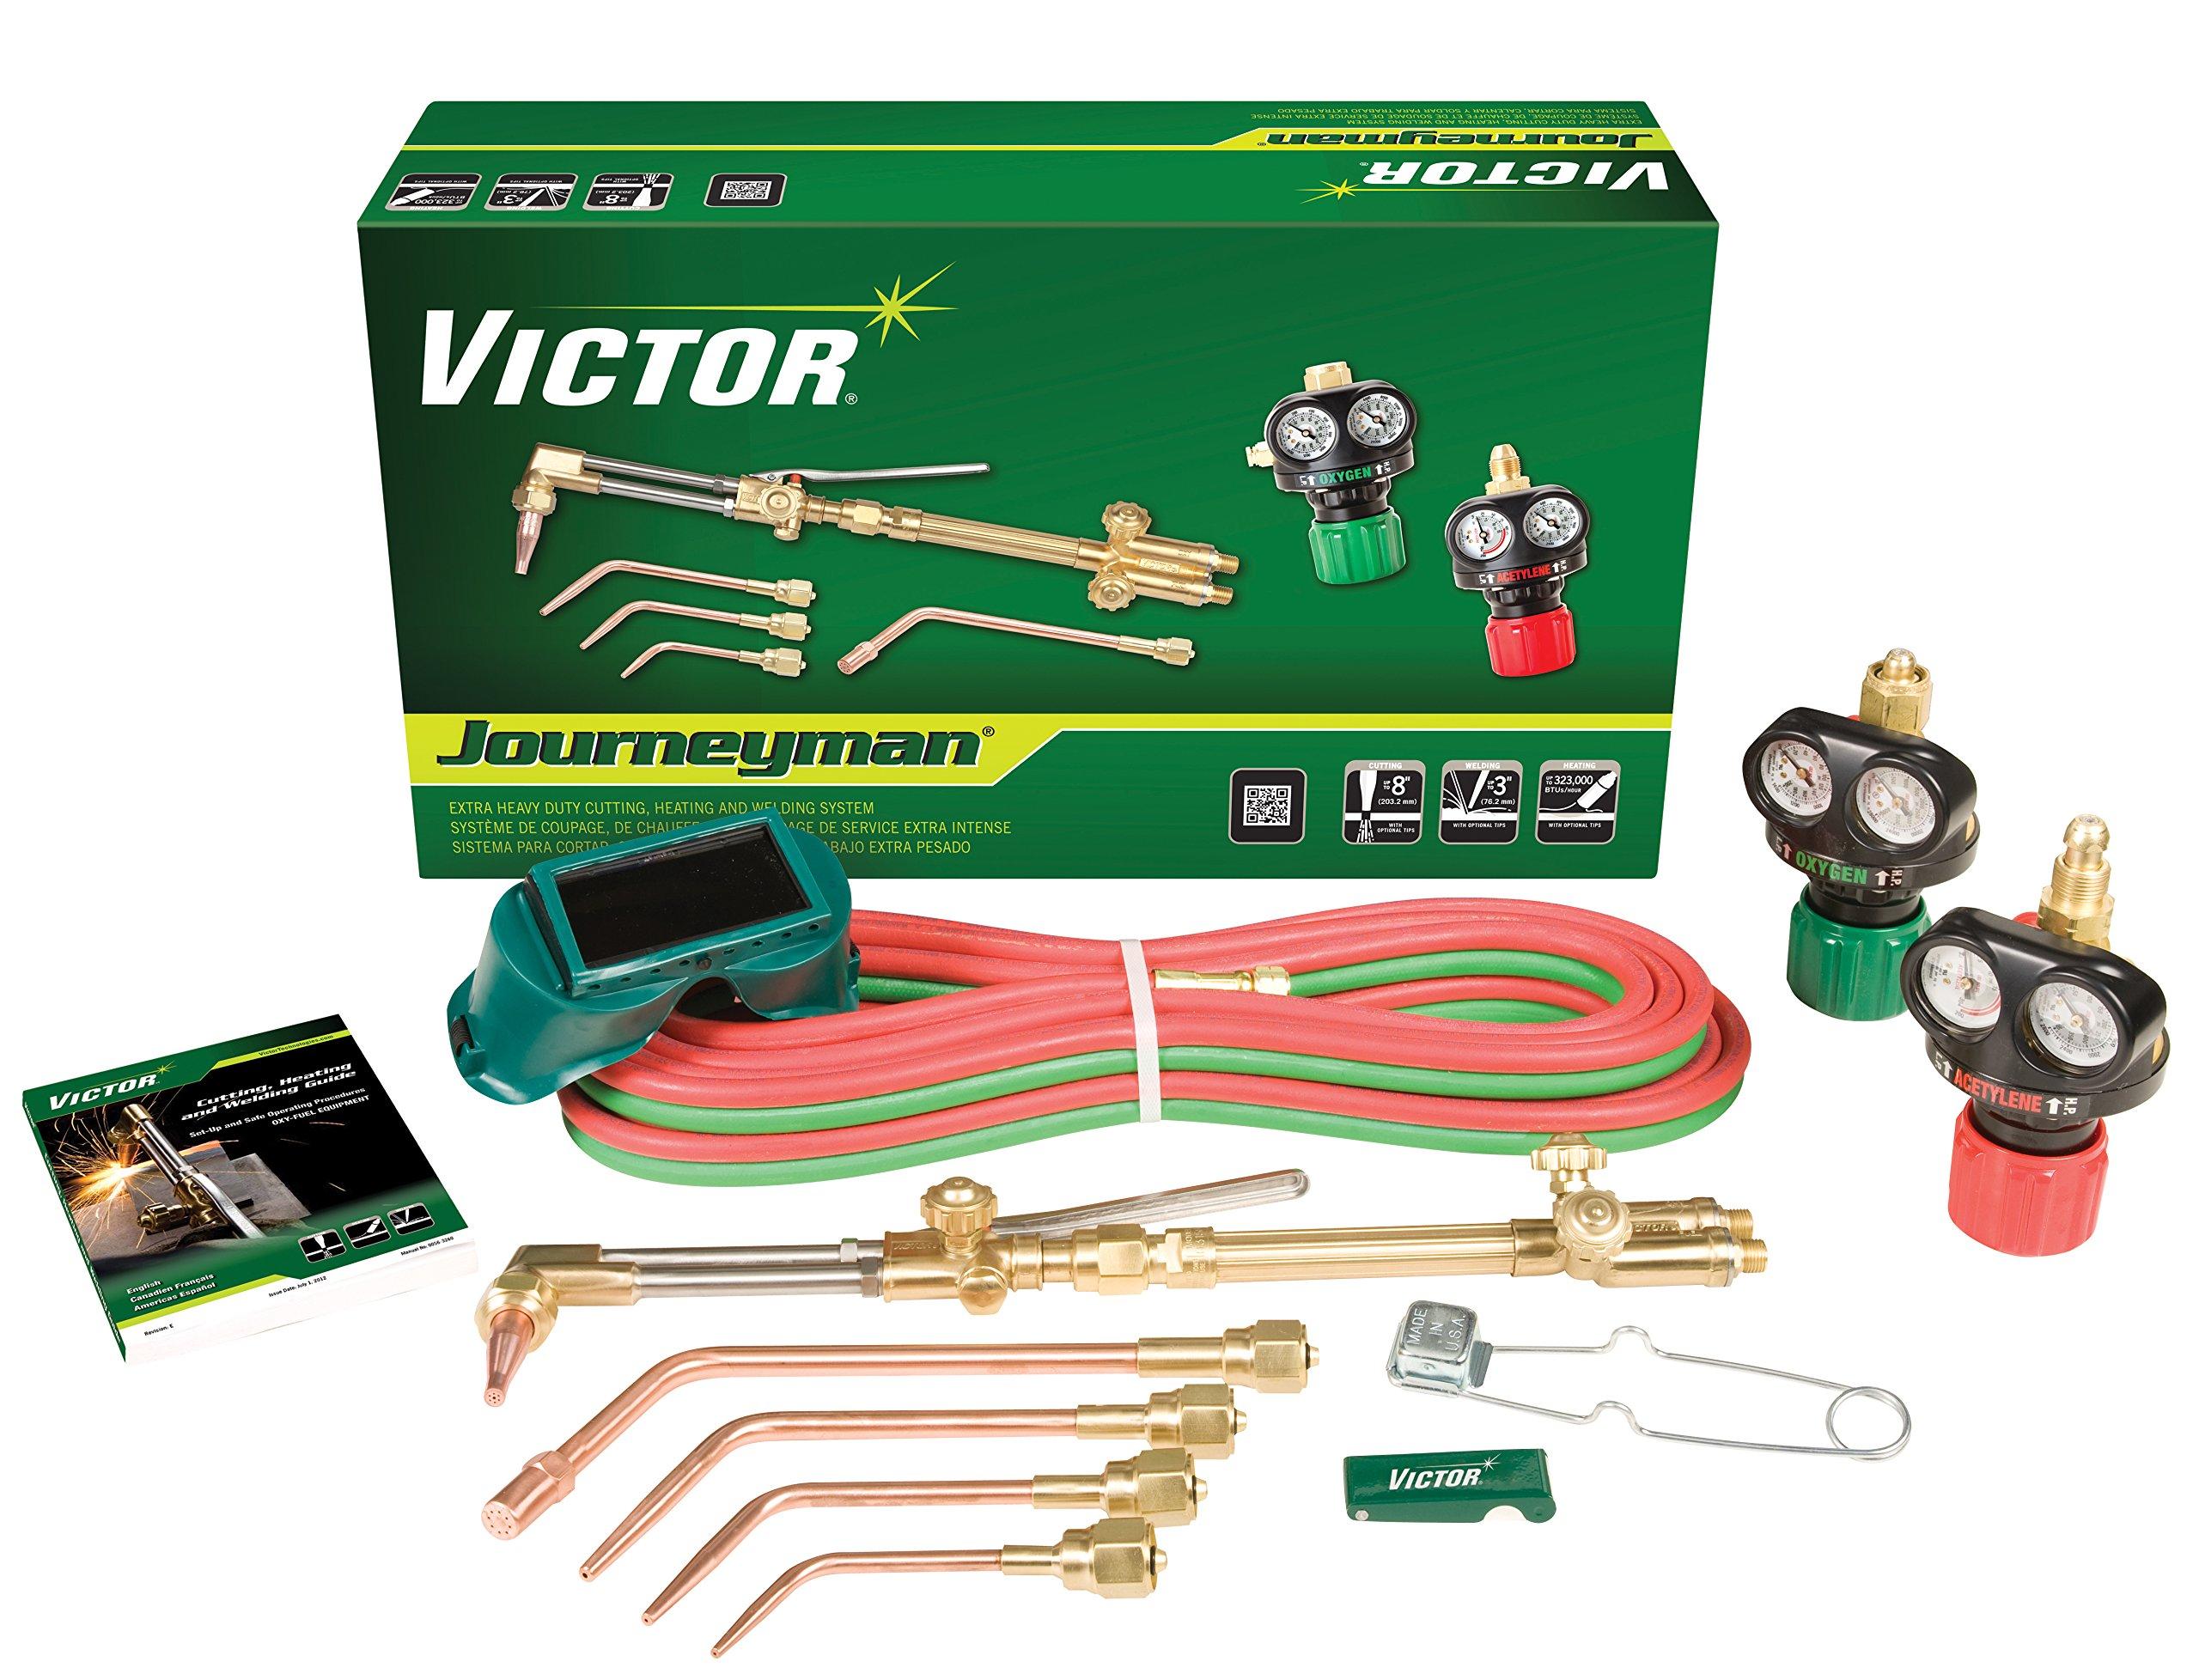 Victor 0384-2036 Journeyman Heavy Duty Cutting System, Acetylene Gas Service, ESS4-15-510 Fuel Gas Regulator by ESAB